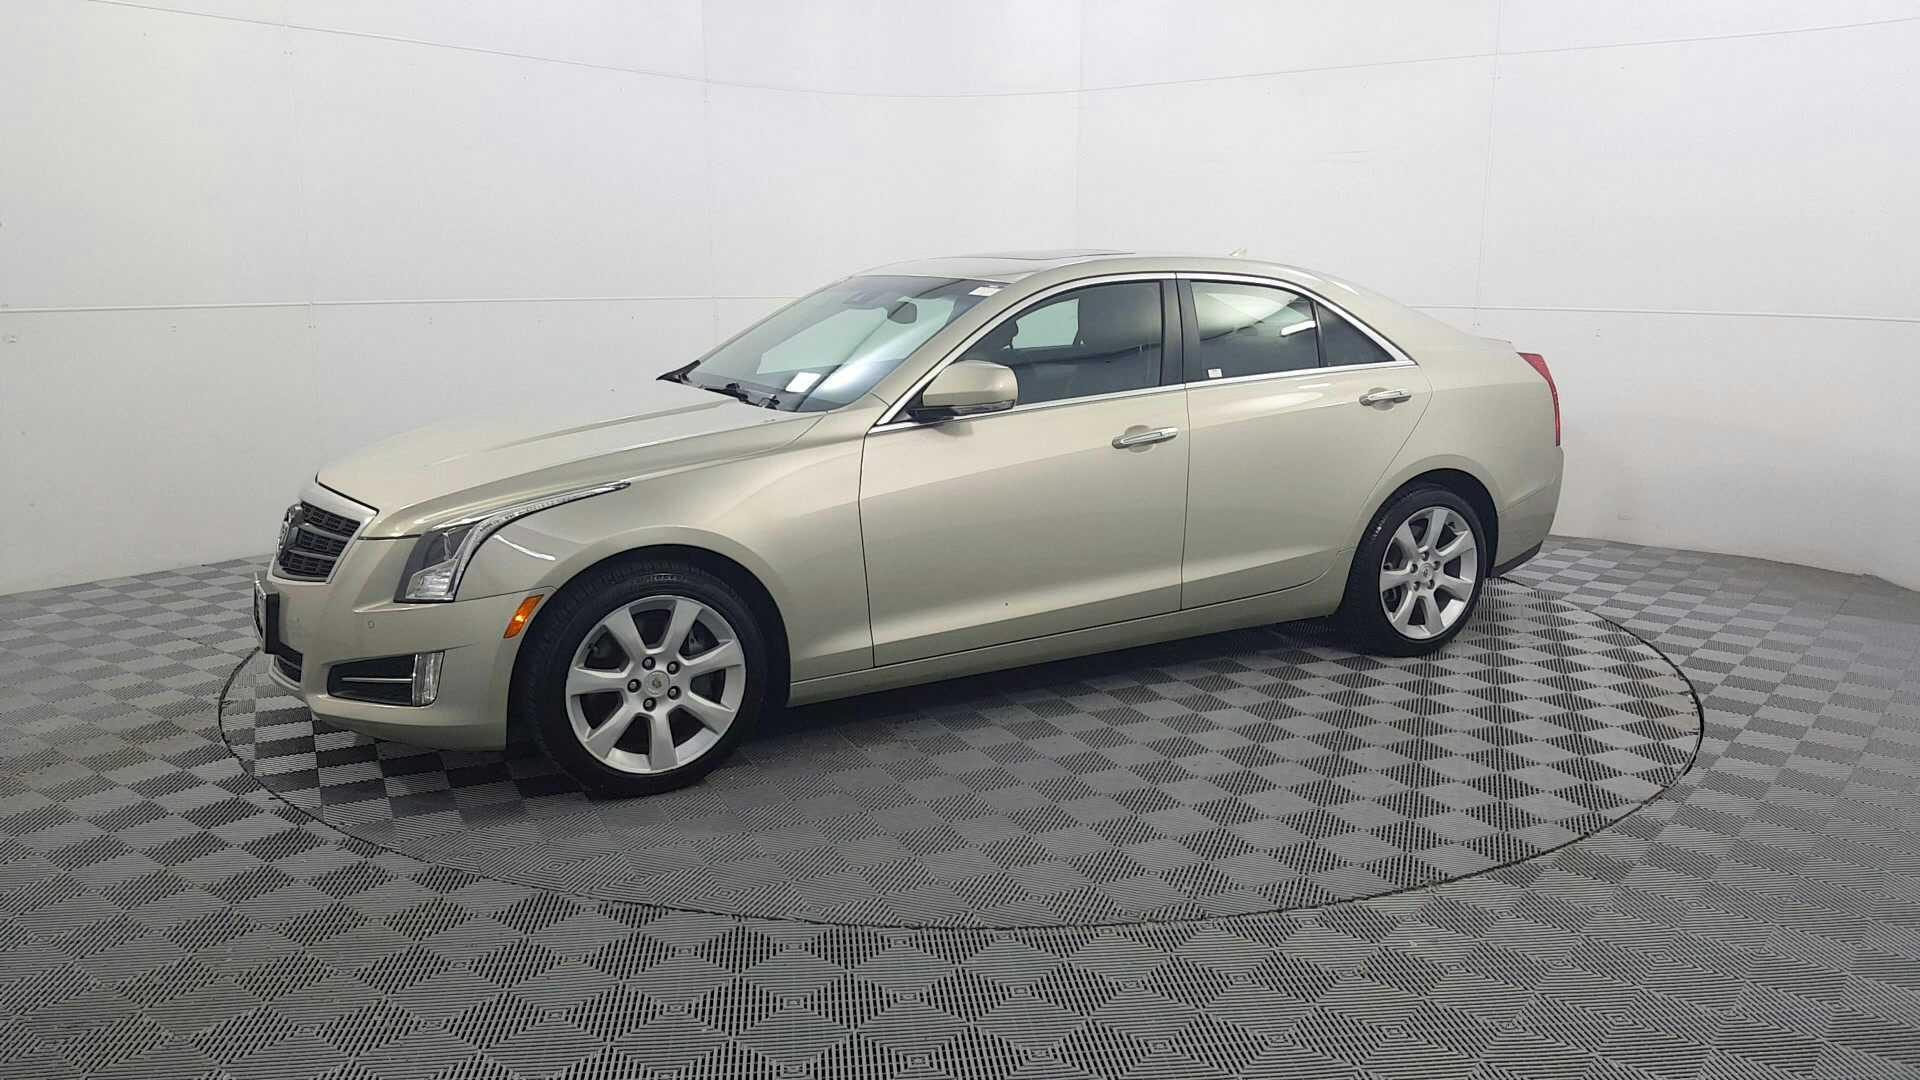 2013 Cadillac Ats 2.0 L Turbo >> Used 2013 Cadillac Ats 2 0l Turbo Performance In Des Plaines